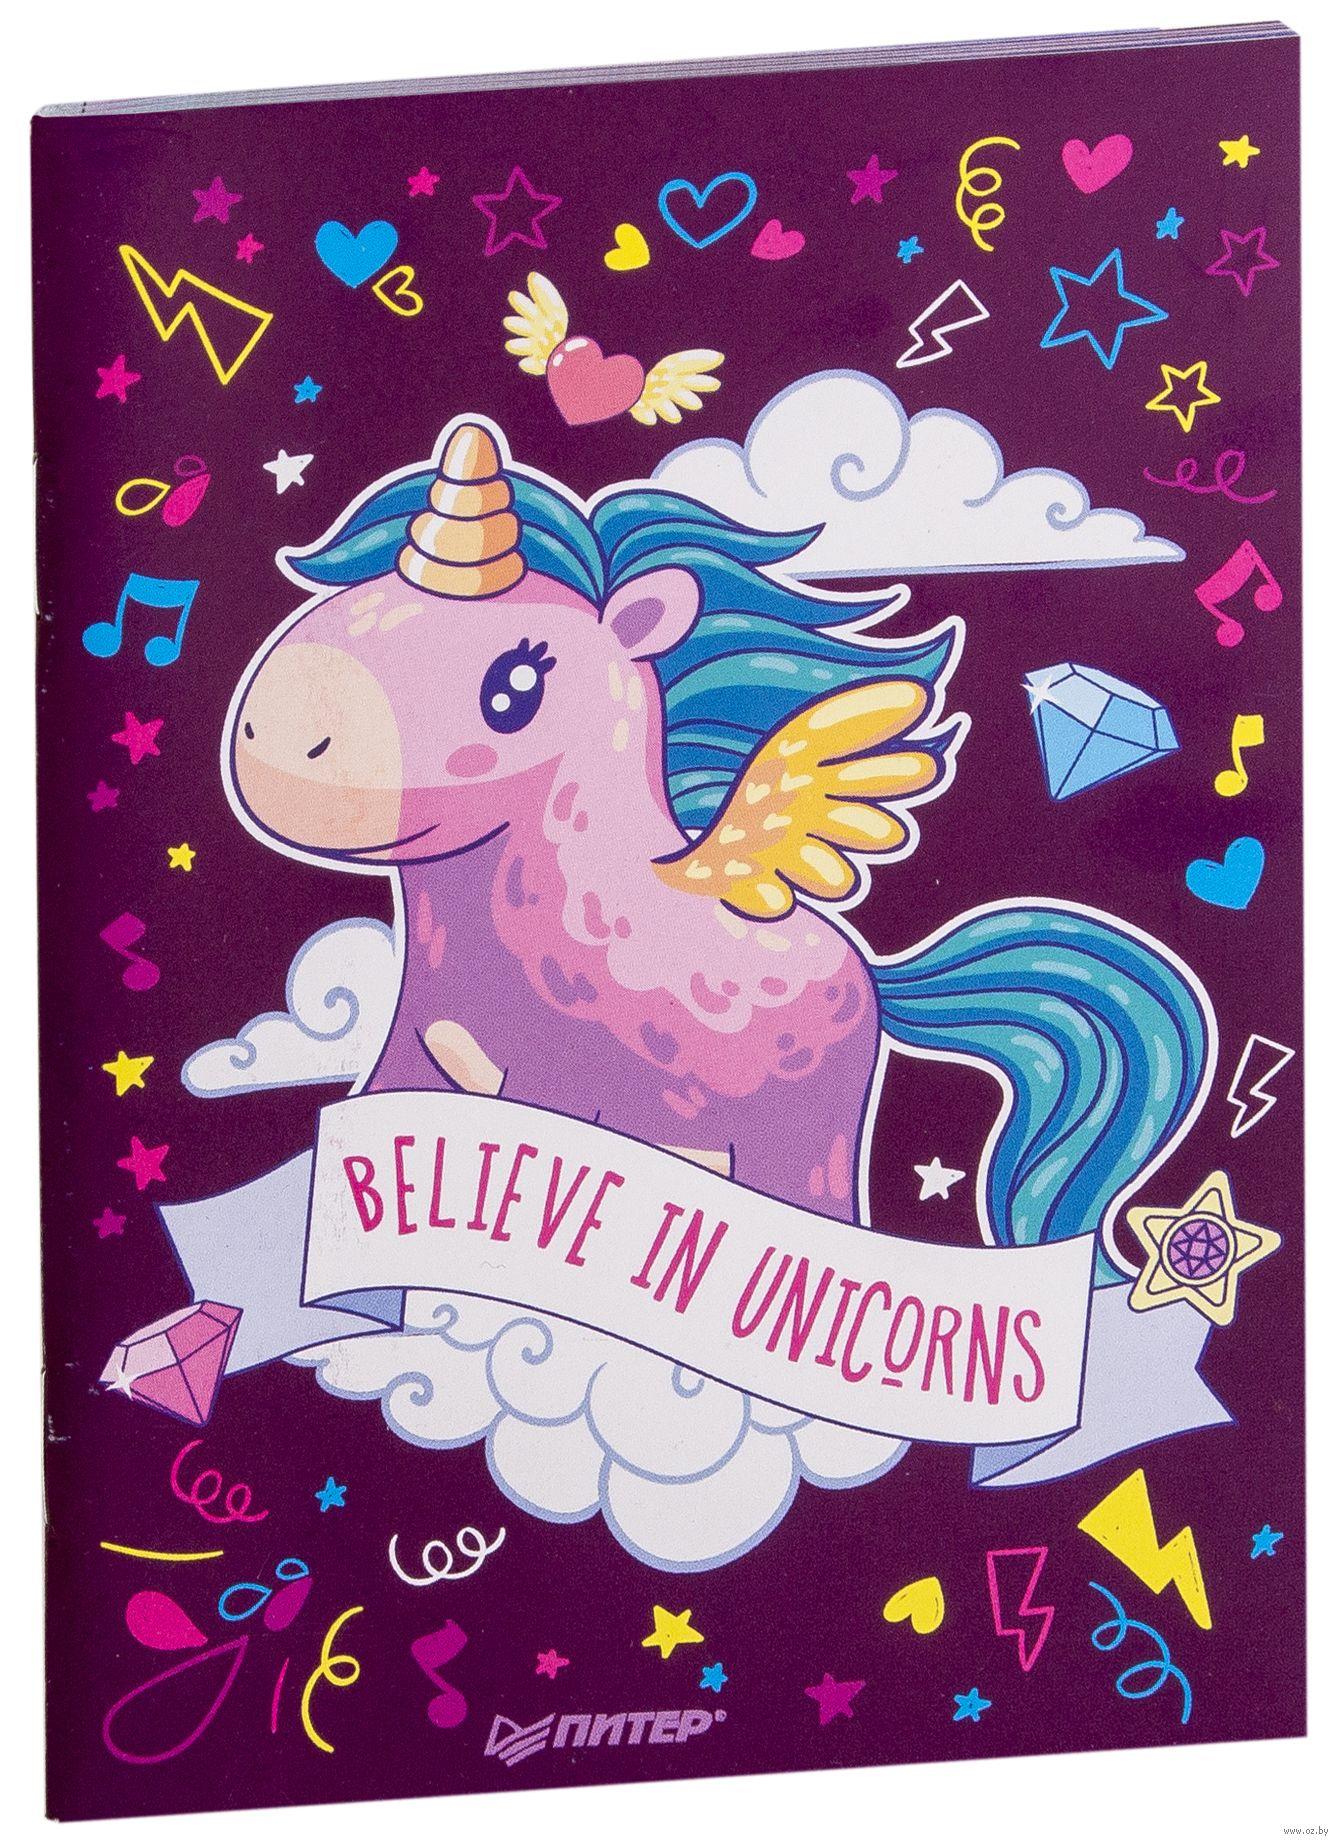 Pictures of unicorns